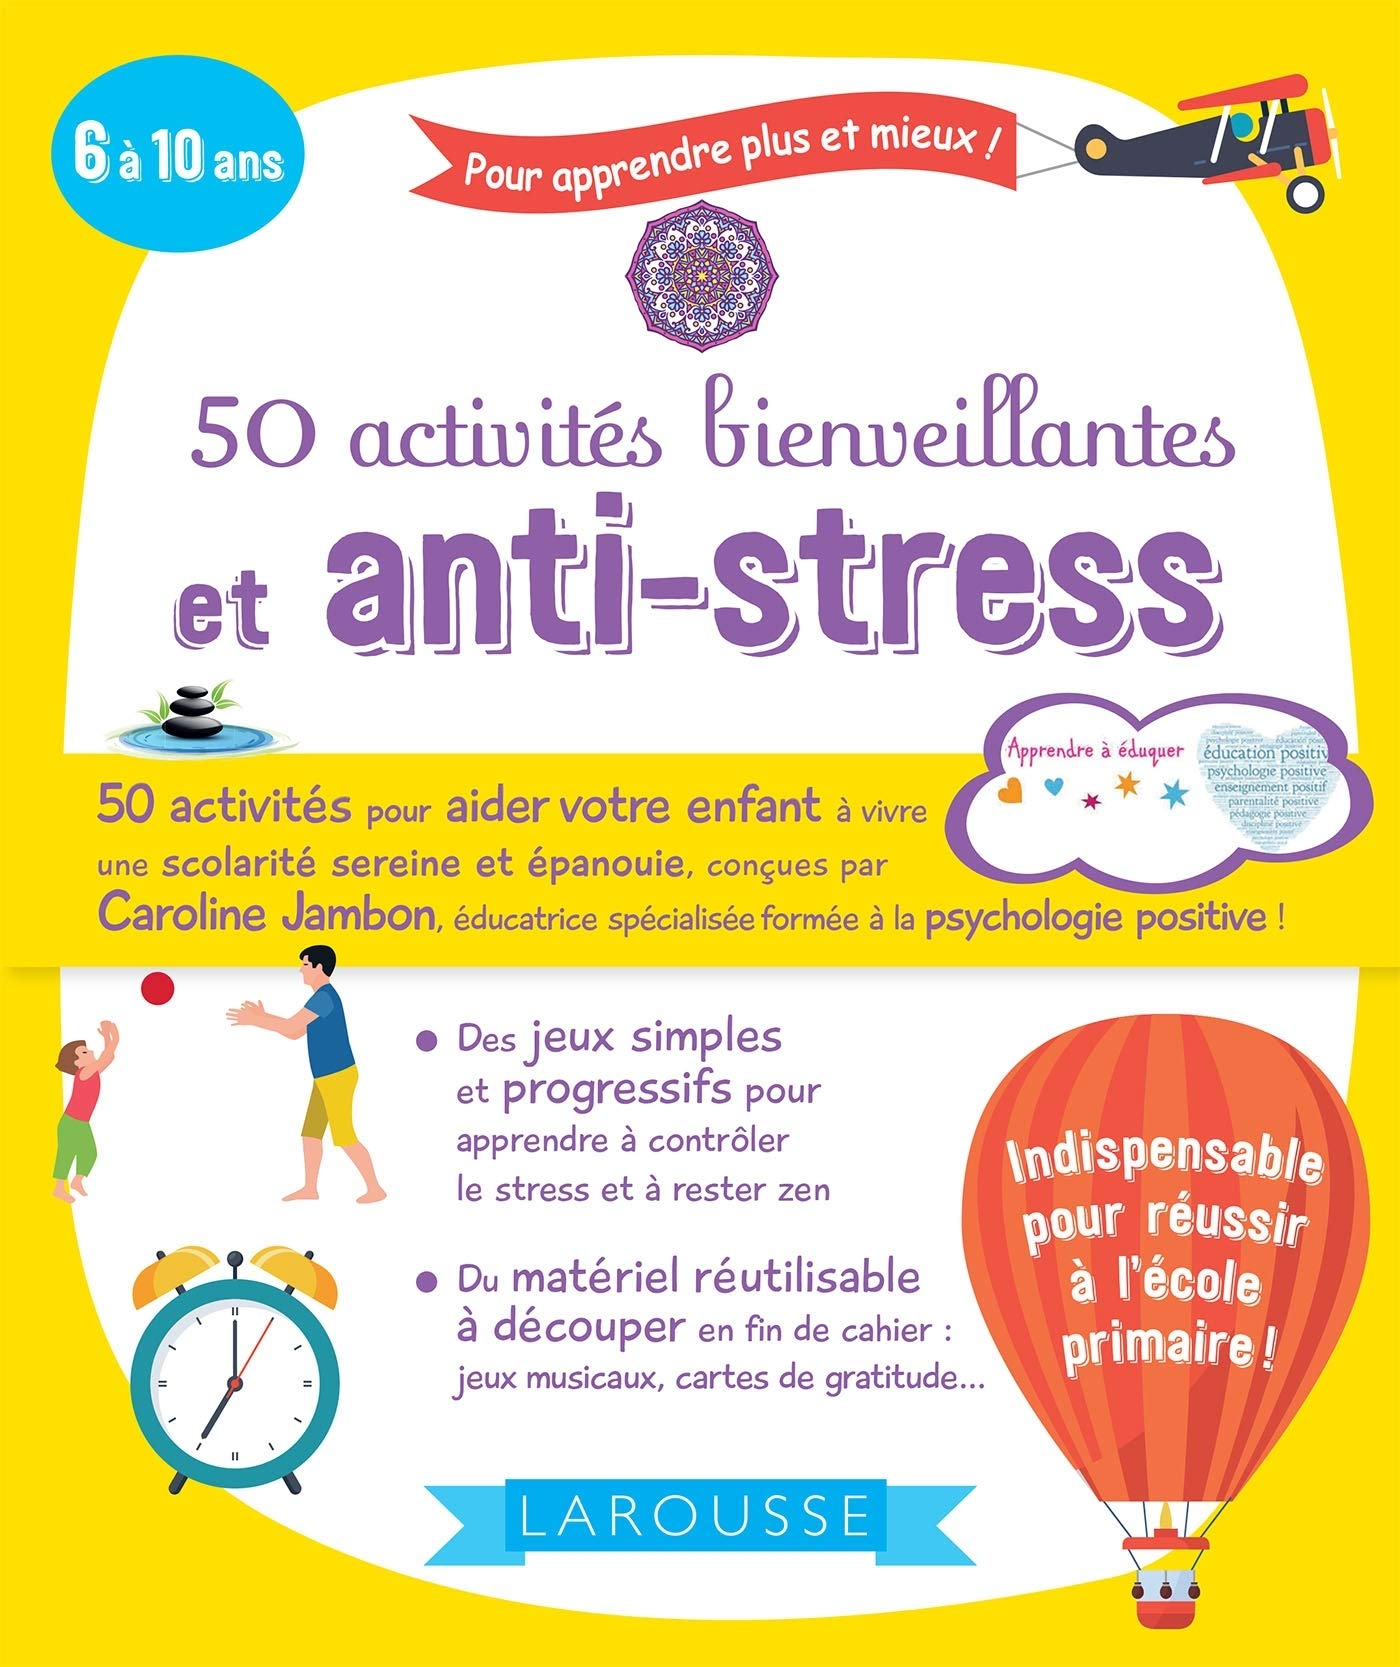 [Stress et confinement] 50 activités bienveillantes pour être zen à l'école et à la maison